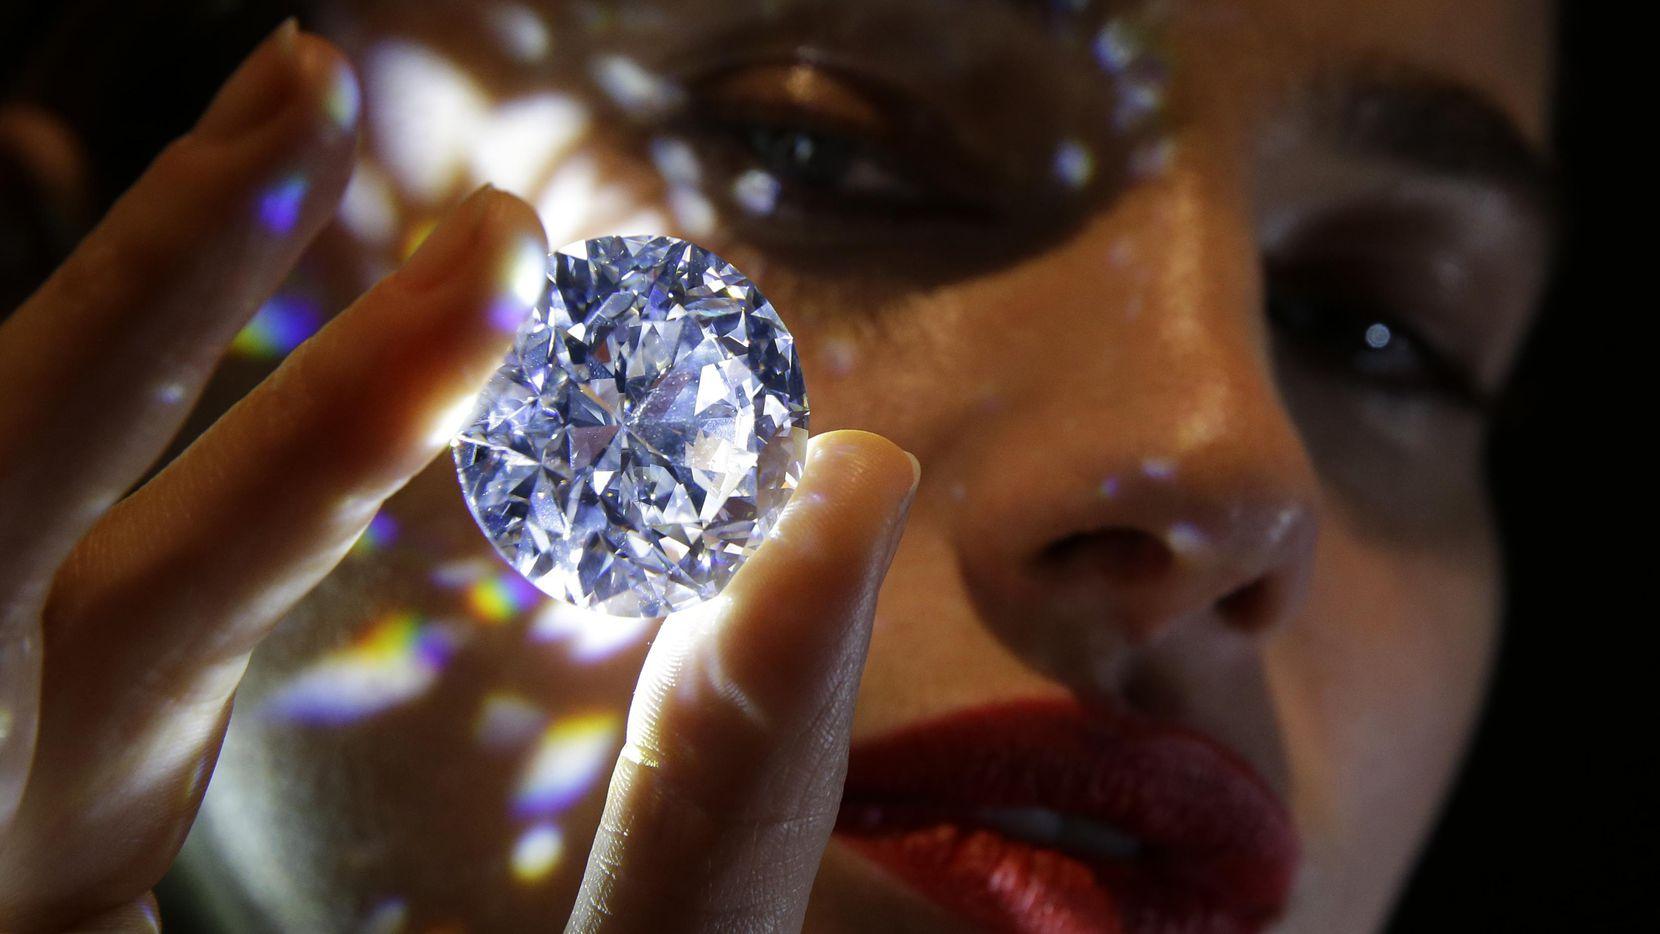 El diamante de 101.34 quilates es mostrado por una modelo en la casa de subastas Sotheby's. (AP/Alastair Grant)